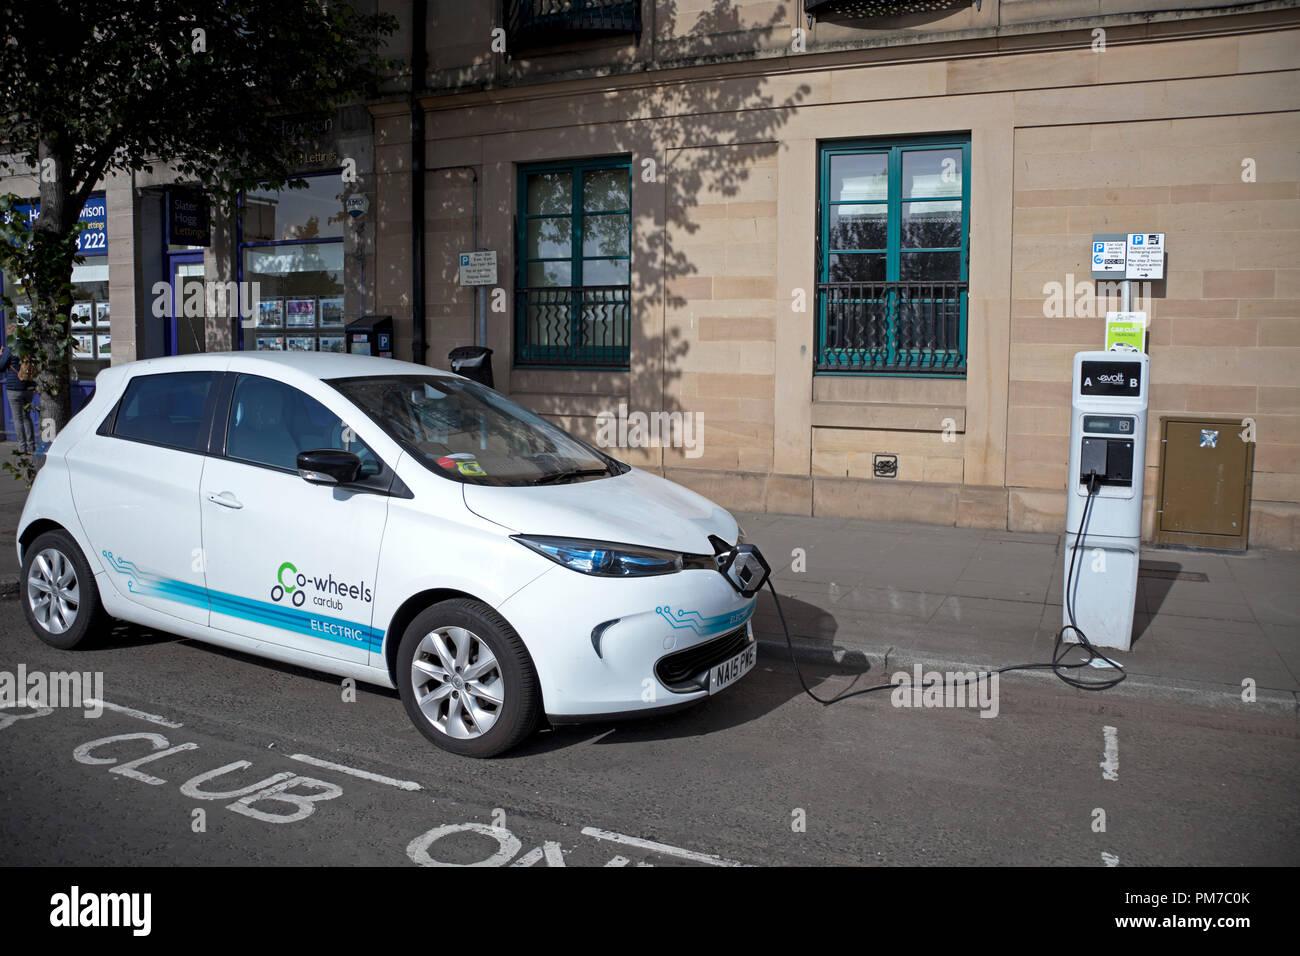 Auto elettrica autoveicolo carica, Dundee, Scotland, Regno Unito Immagini Stock